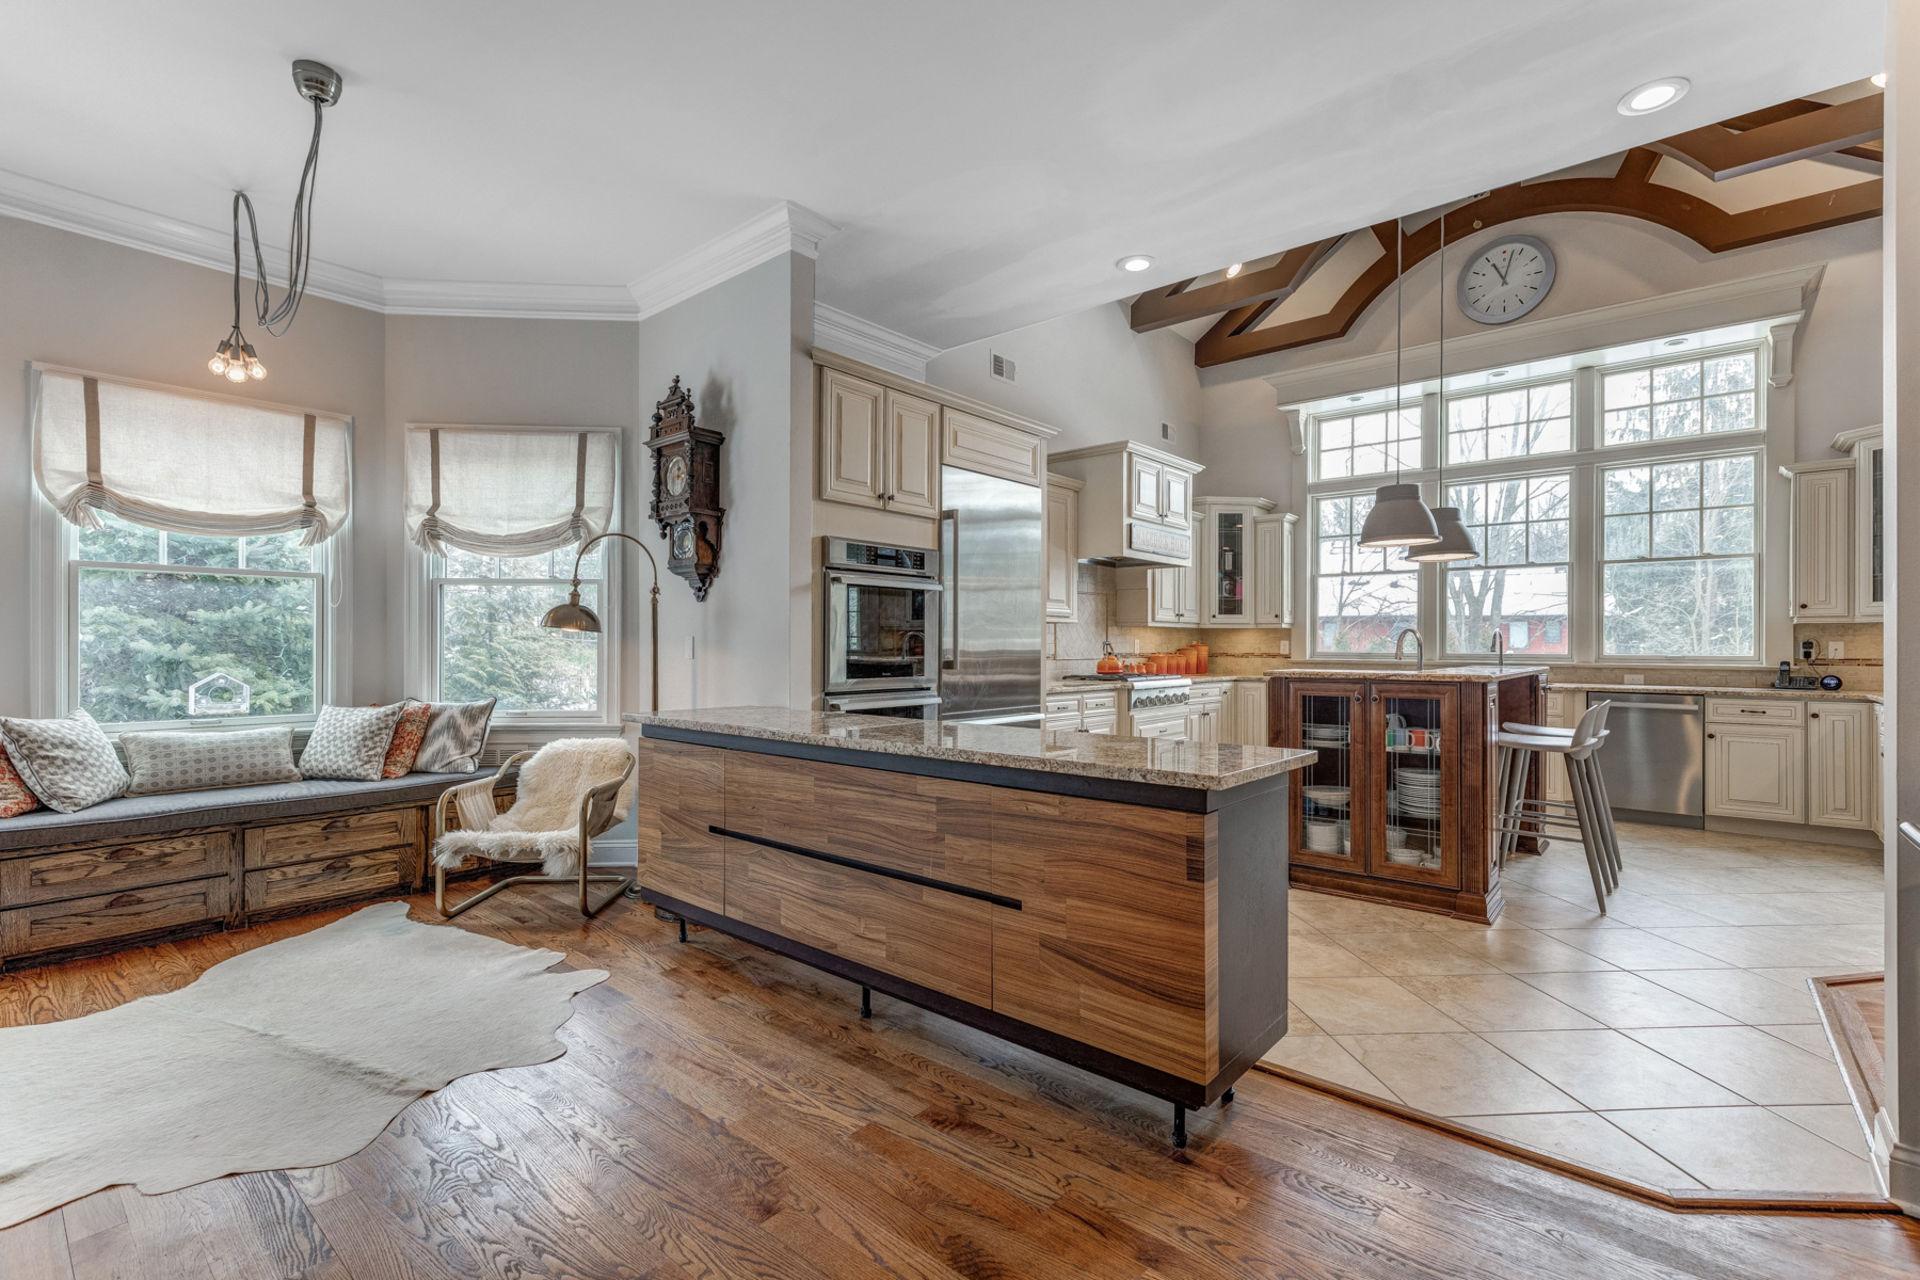 374 White Oak Ridge Rd, Short Hills – Stunning home for sale in Short Hills, NJ